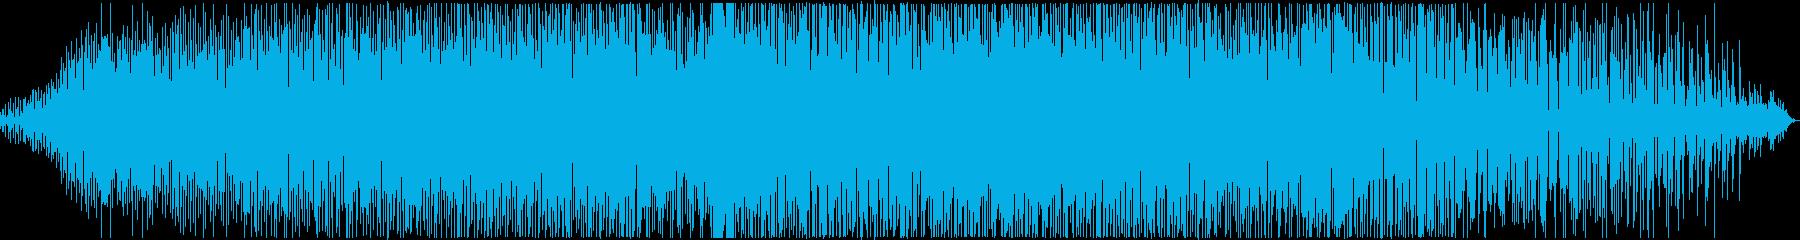 緊迫感_奇妙で毒々しいアシッドハウスの再生済みの波形